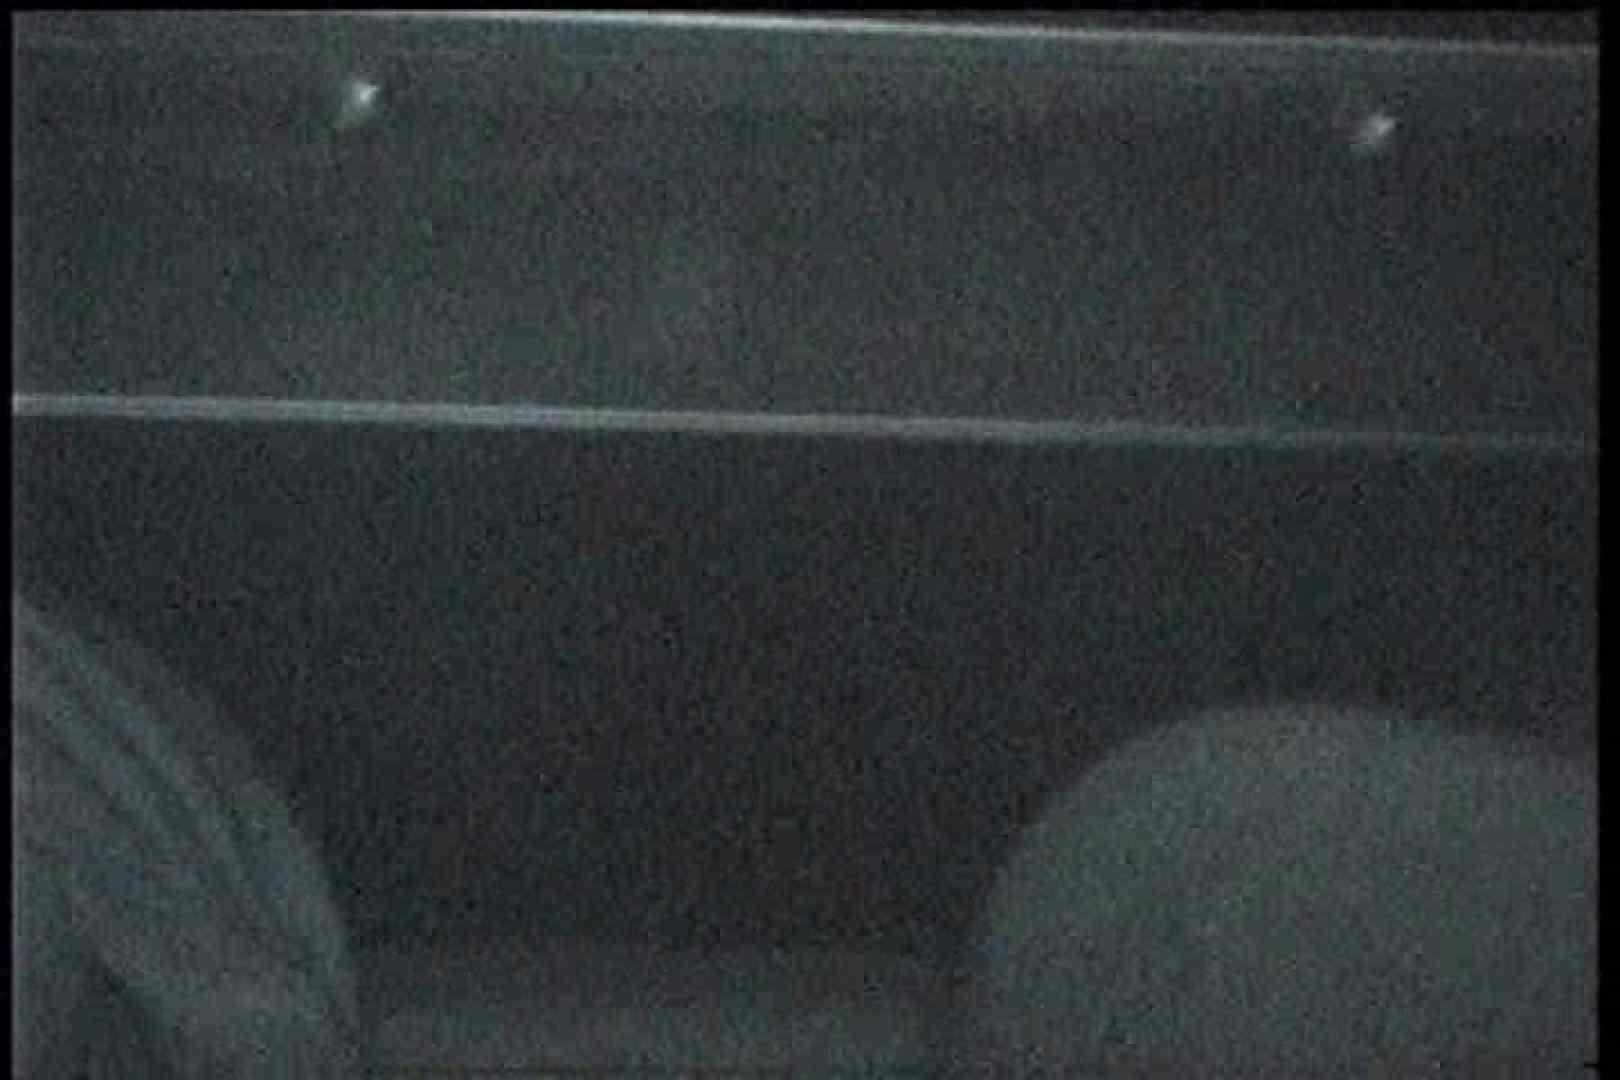 充血監督の深夜の運動会Vol.201 エッチなセックス   エロティックなOL  62画像 27